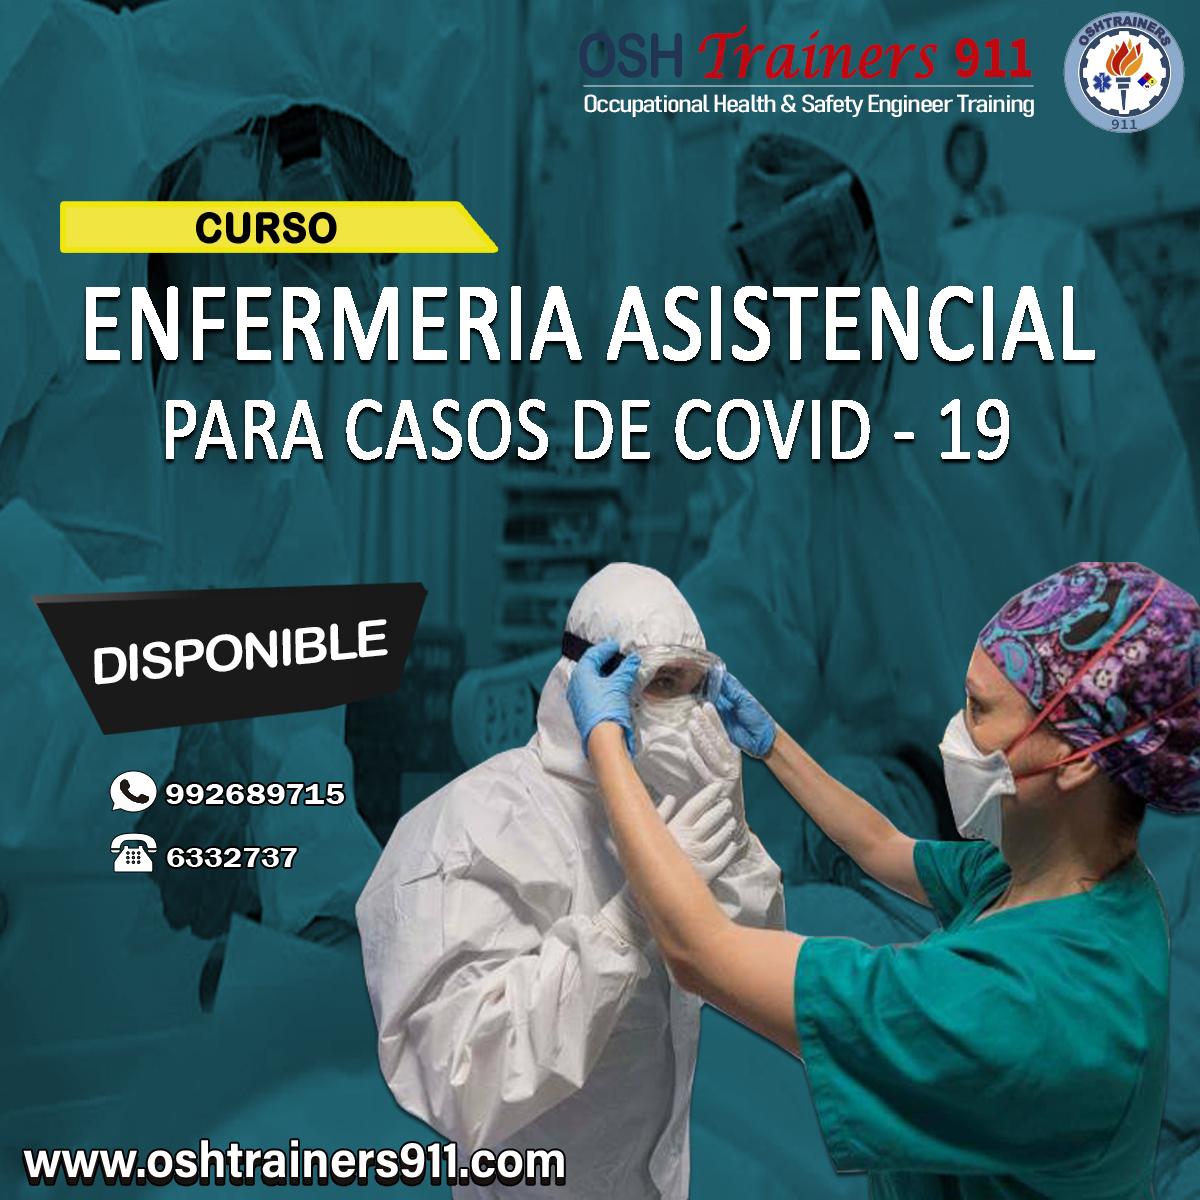 ENFERMERÍA ASISTENCIAL PARA COVID-19